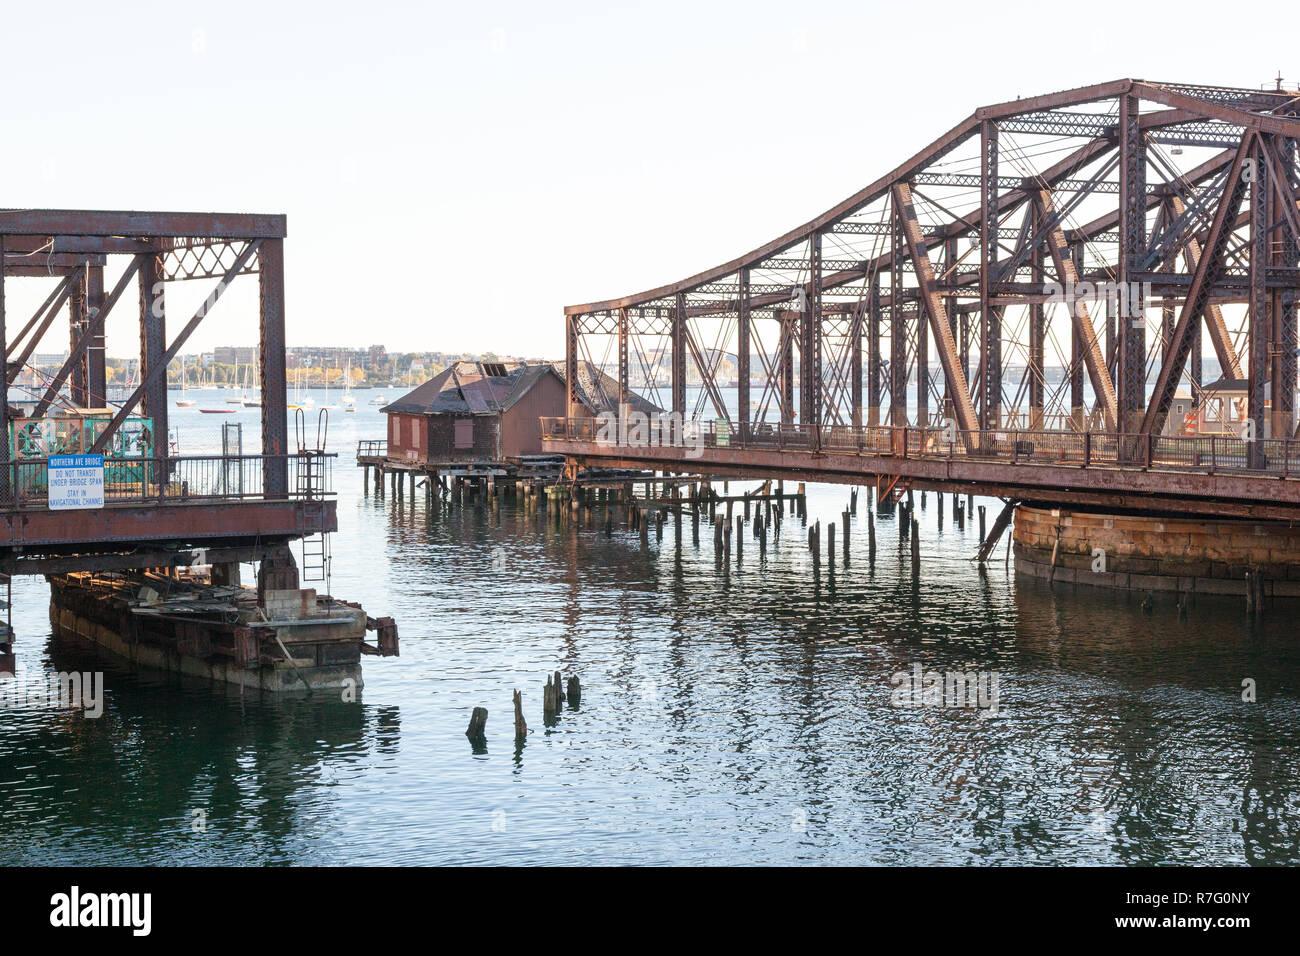 Idea prudential realty swinging bridge ny